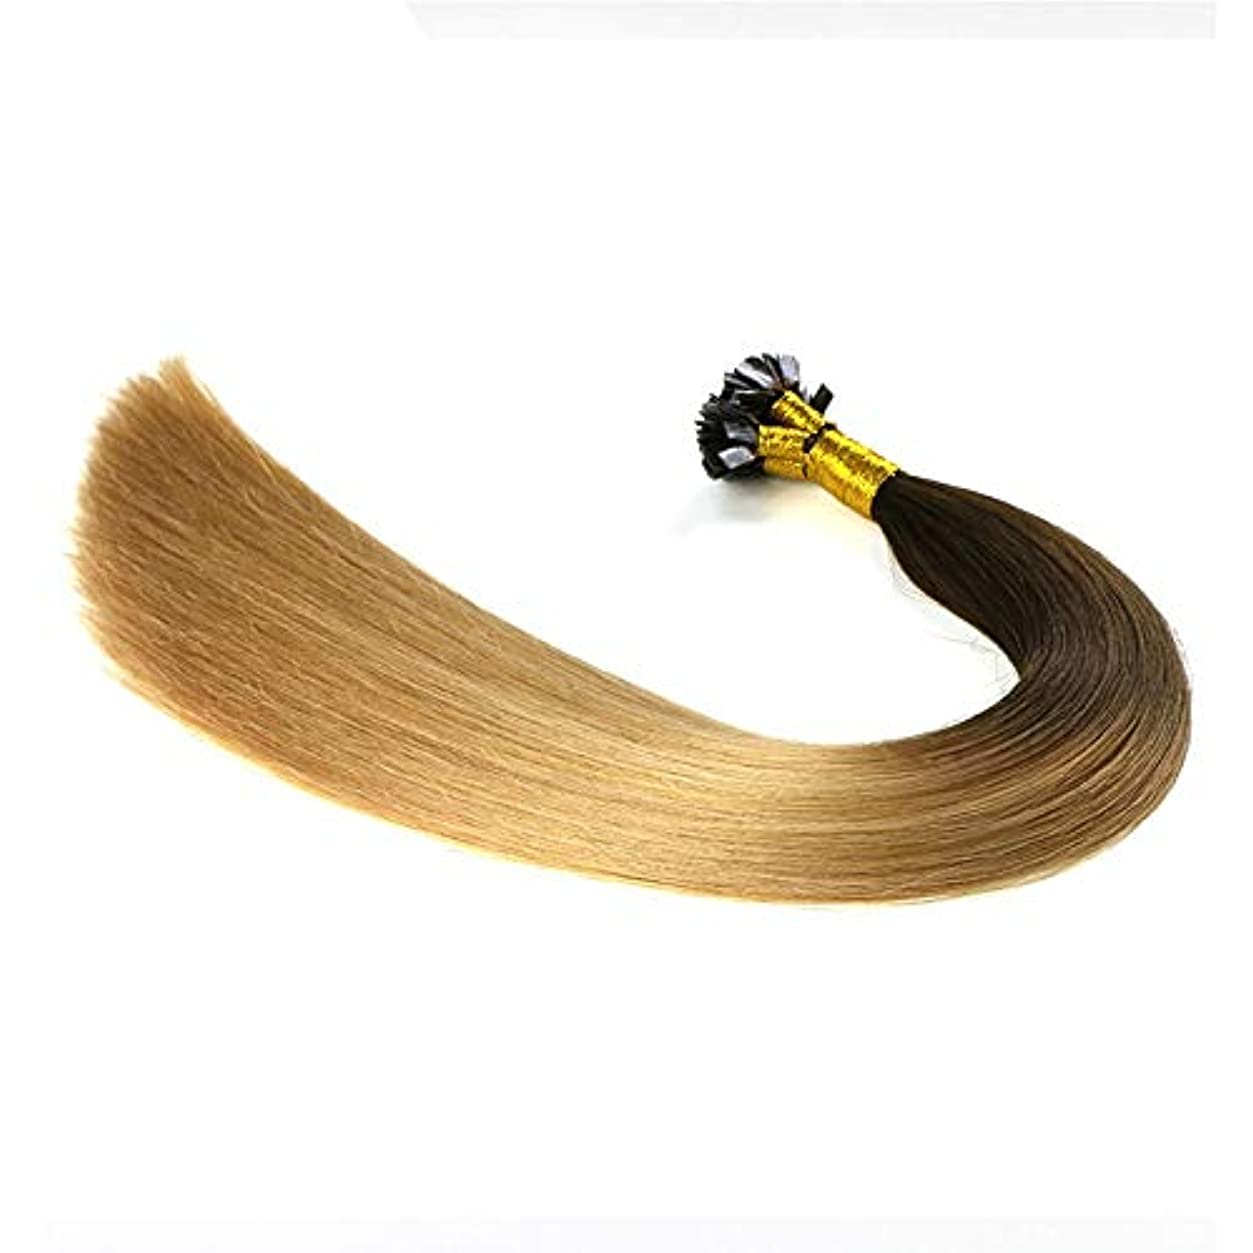 頑張るピルファー使用法WASAIO ヘアエクステンションクリップのシームレスな髪型ナノリングオンブルトップ金ぴかブラウンボトムハイライトブロンドダブル描かれた人間の髪 (色 : Blonde, サイズ : 24 inch)